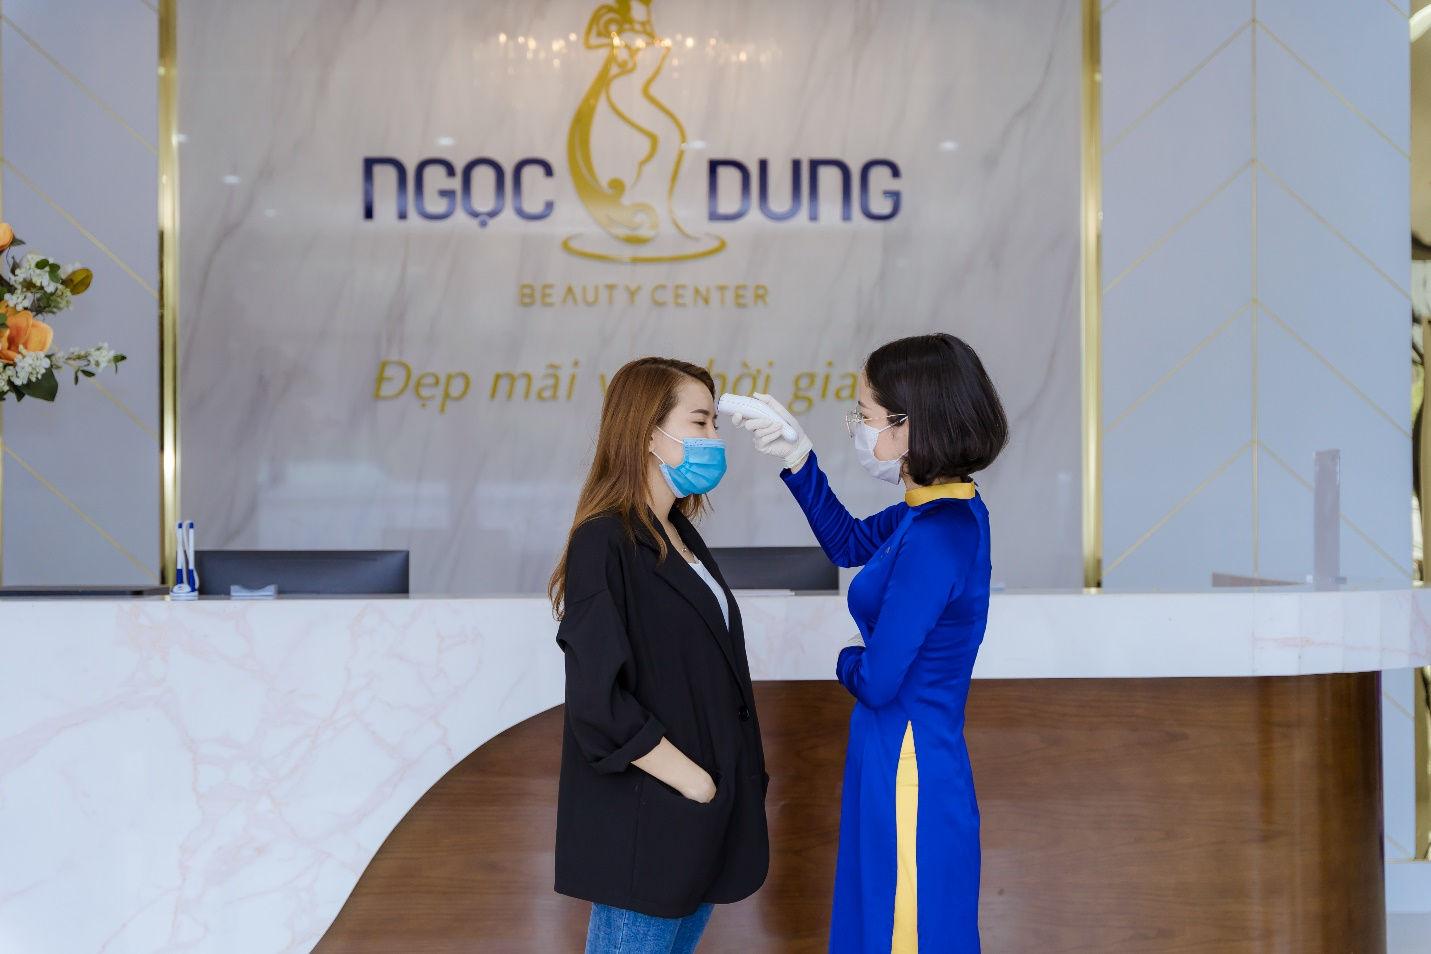 Khách hàng bắt buộc thăm khám bằng việc sát khuẩn, đo thân nhiệt, phát khẩu trang,  lấy thông tin tờ khai y tế.